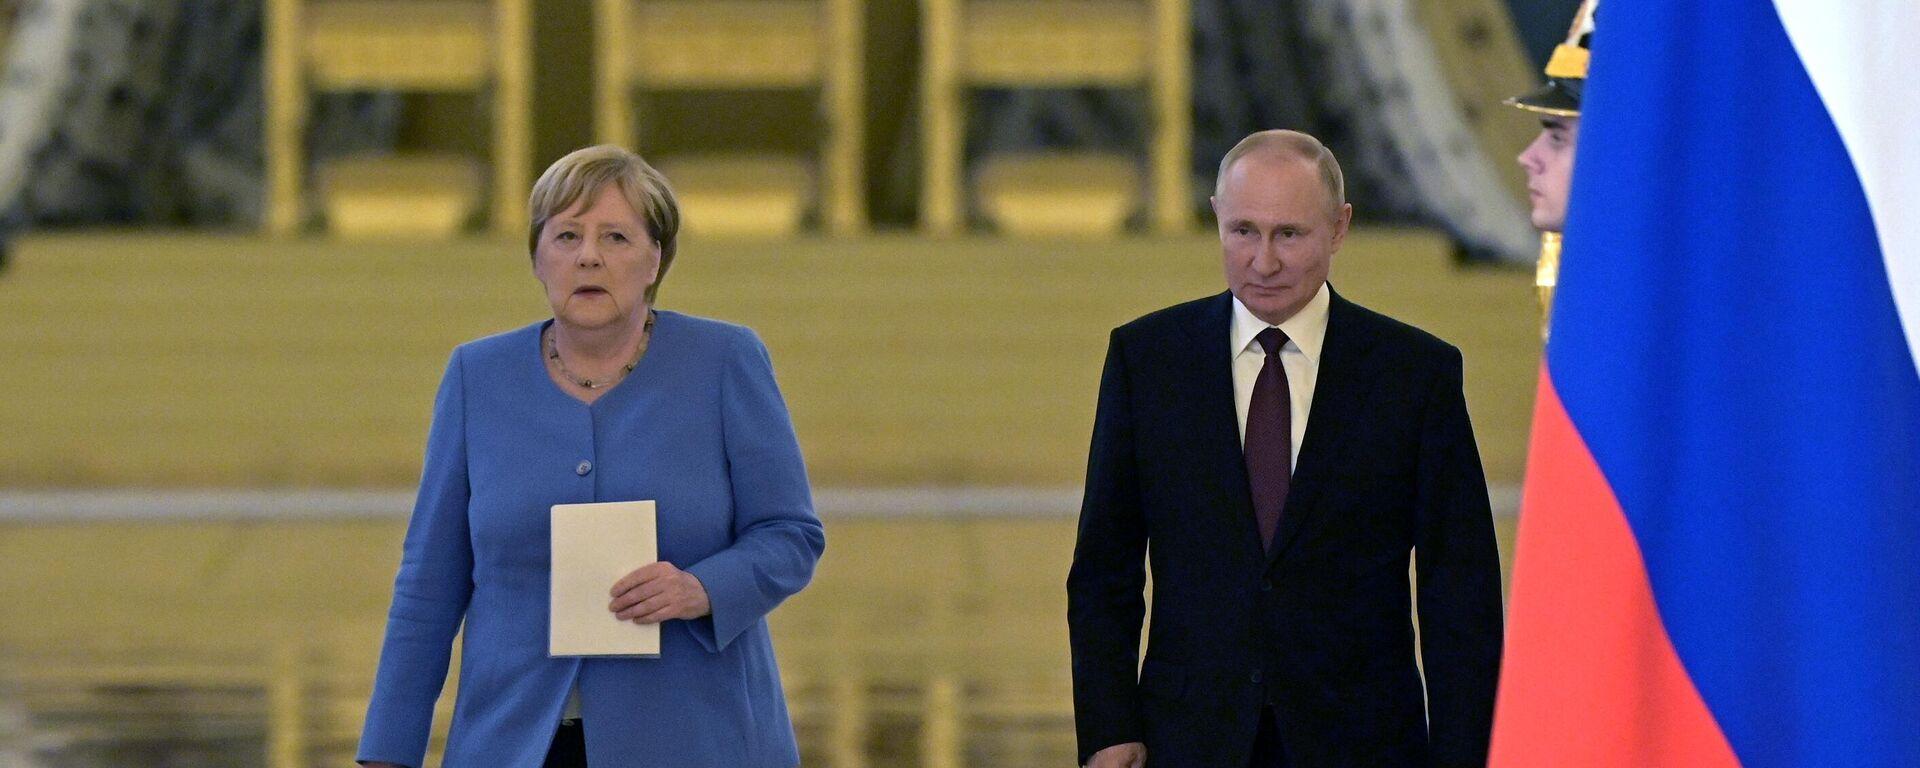 Kremlin'de Putin-Merkel görüşmesi başladı - Sputnik Türkiye, 1920, 20.08.2021